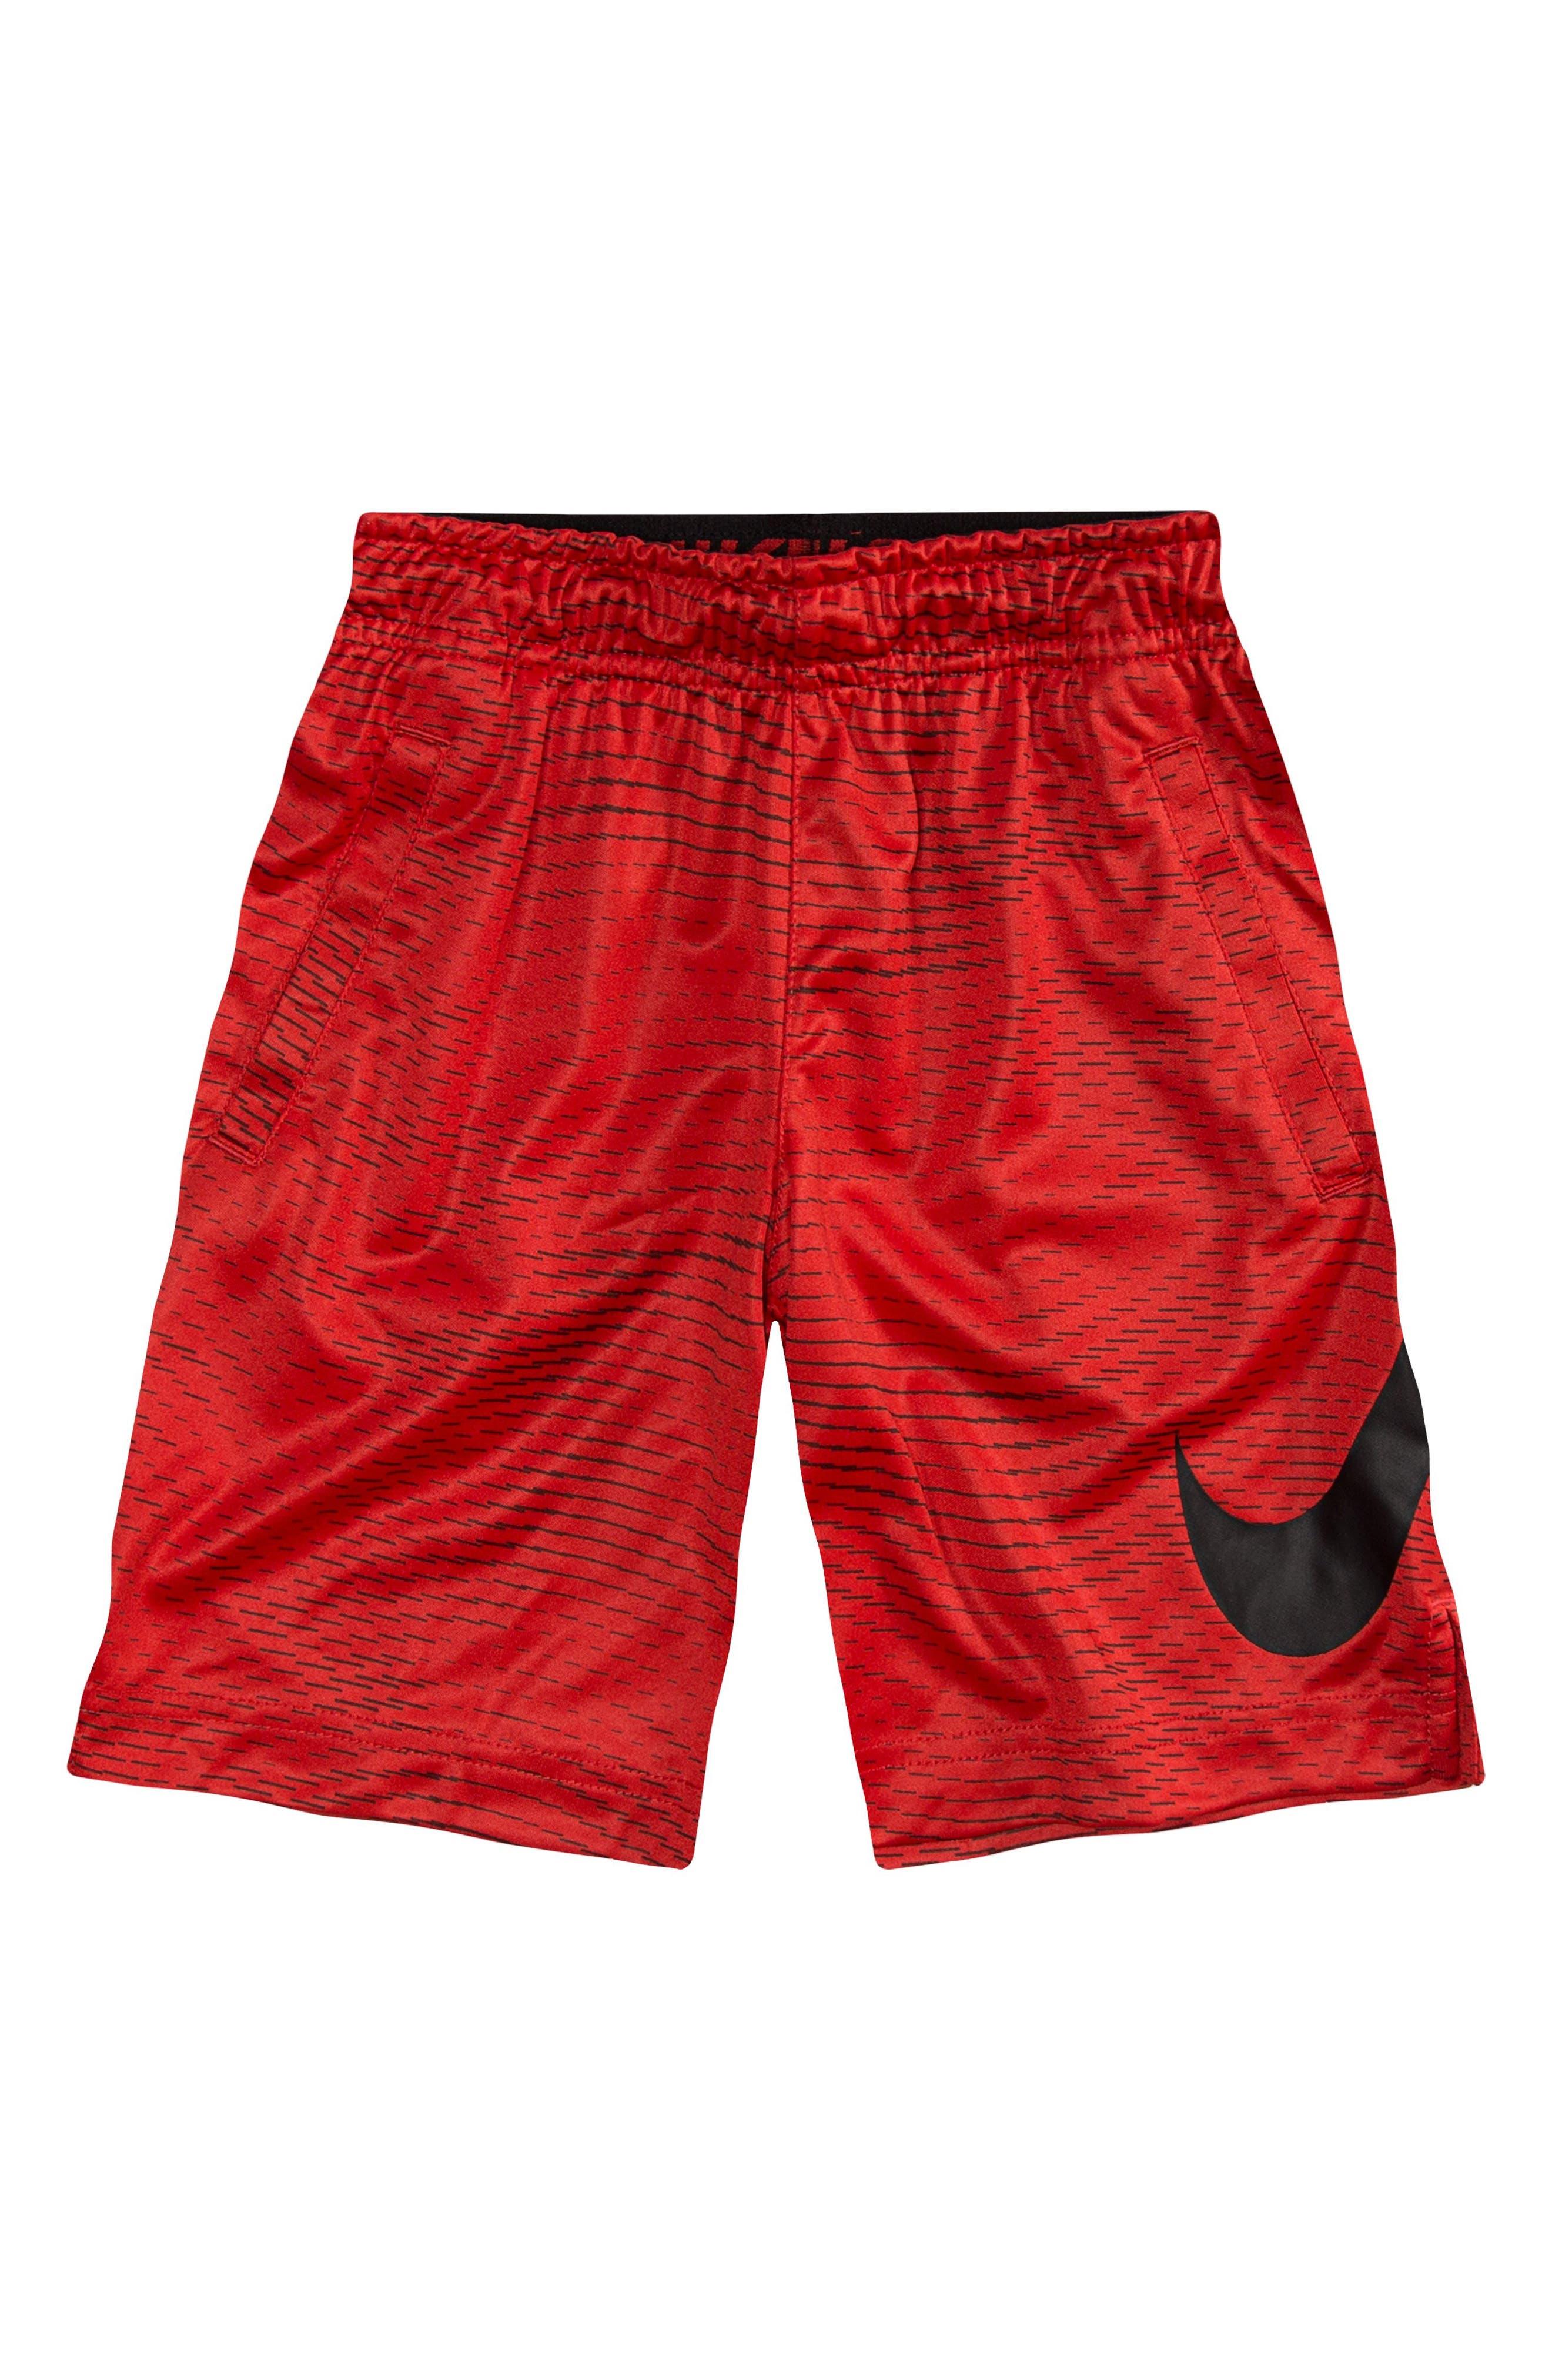 NIKE Dry Athletic Shorts